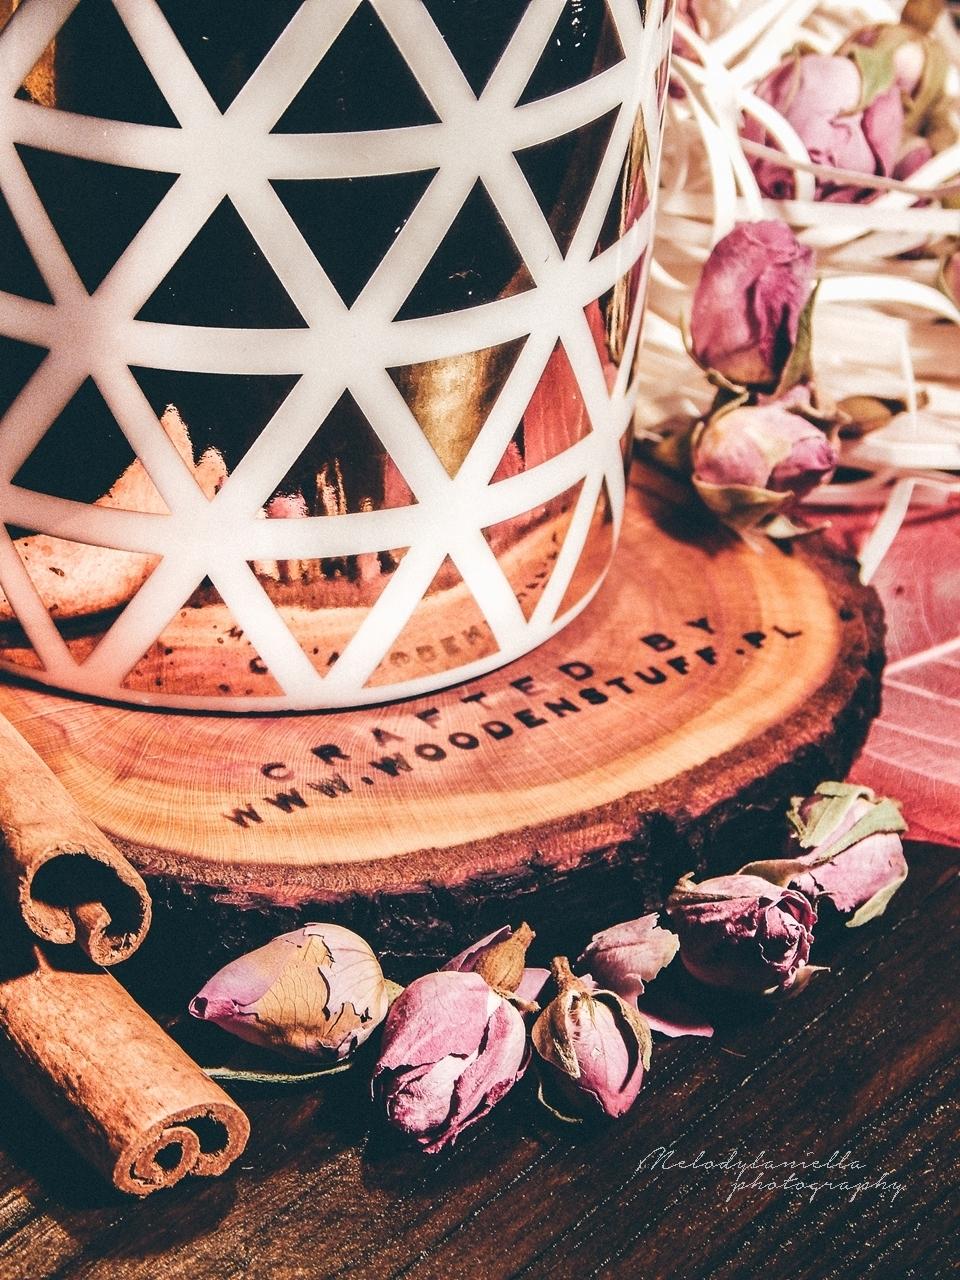 drewniana podkladka pod kubek woodenstuff zloty kubek kubek w gwiazdki kwiaty prezent pomysl instagram